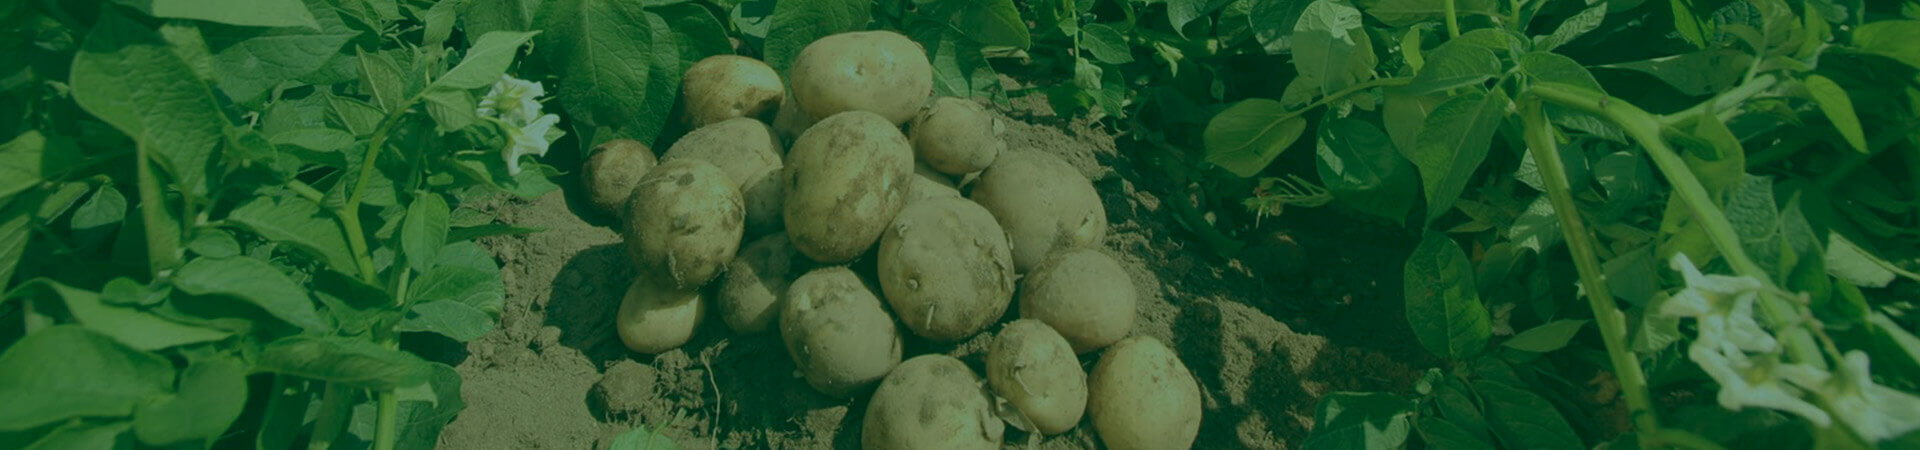 Manejo integrado de pragas em batata – quebrando paradigmas